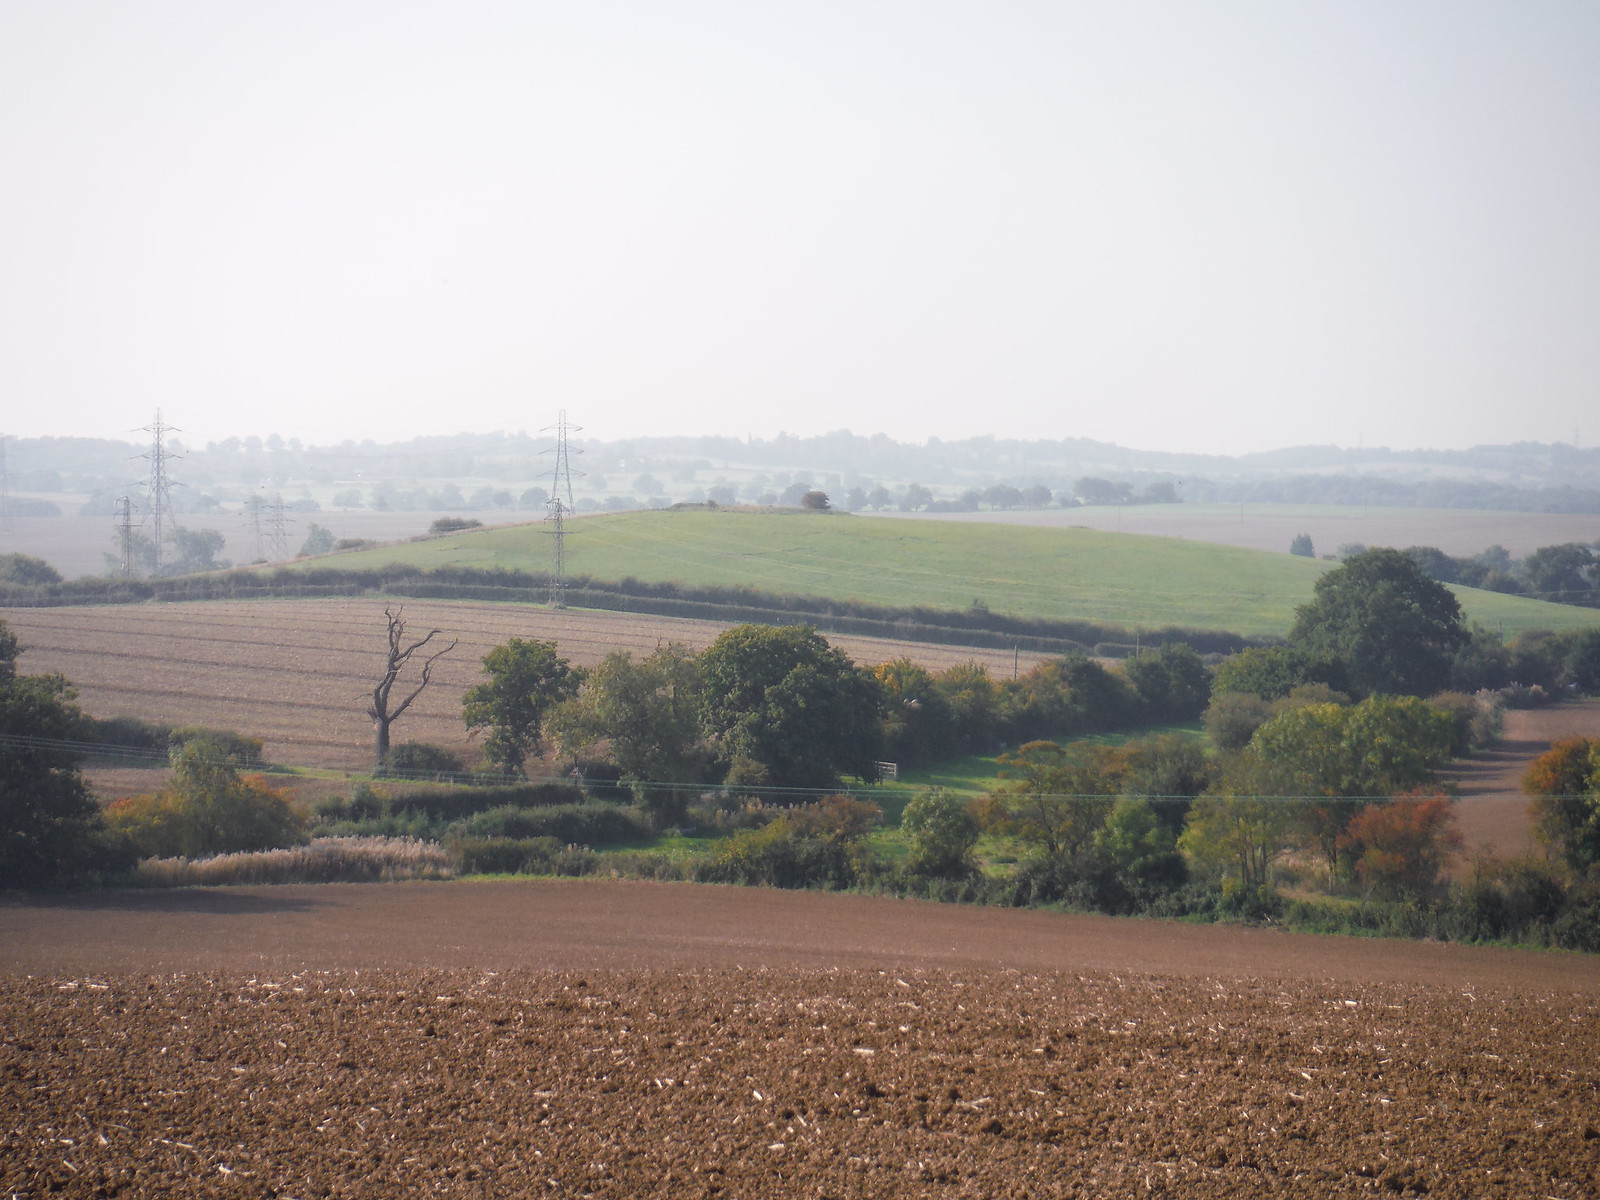 Rolling Landscape near South Woodham Ferrers and yes: Pylons SWC Walk 159 South Woodham Ferrers to North Fambridge